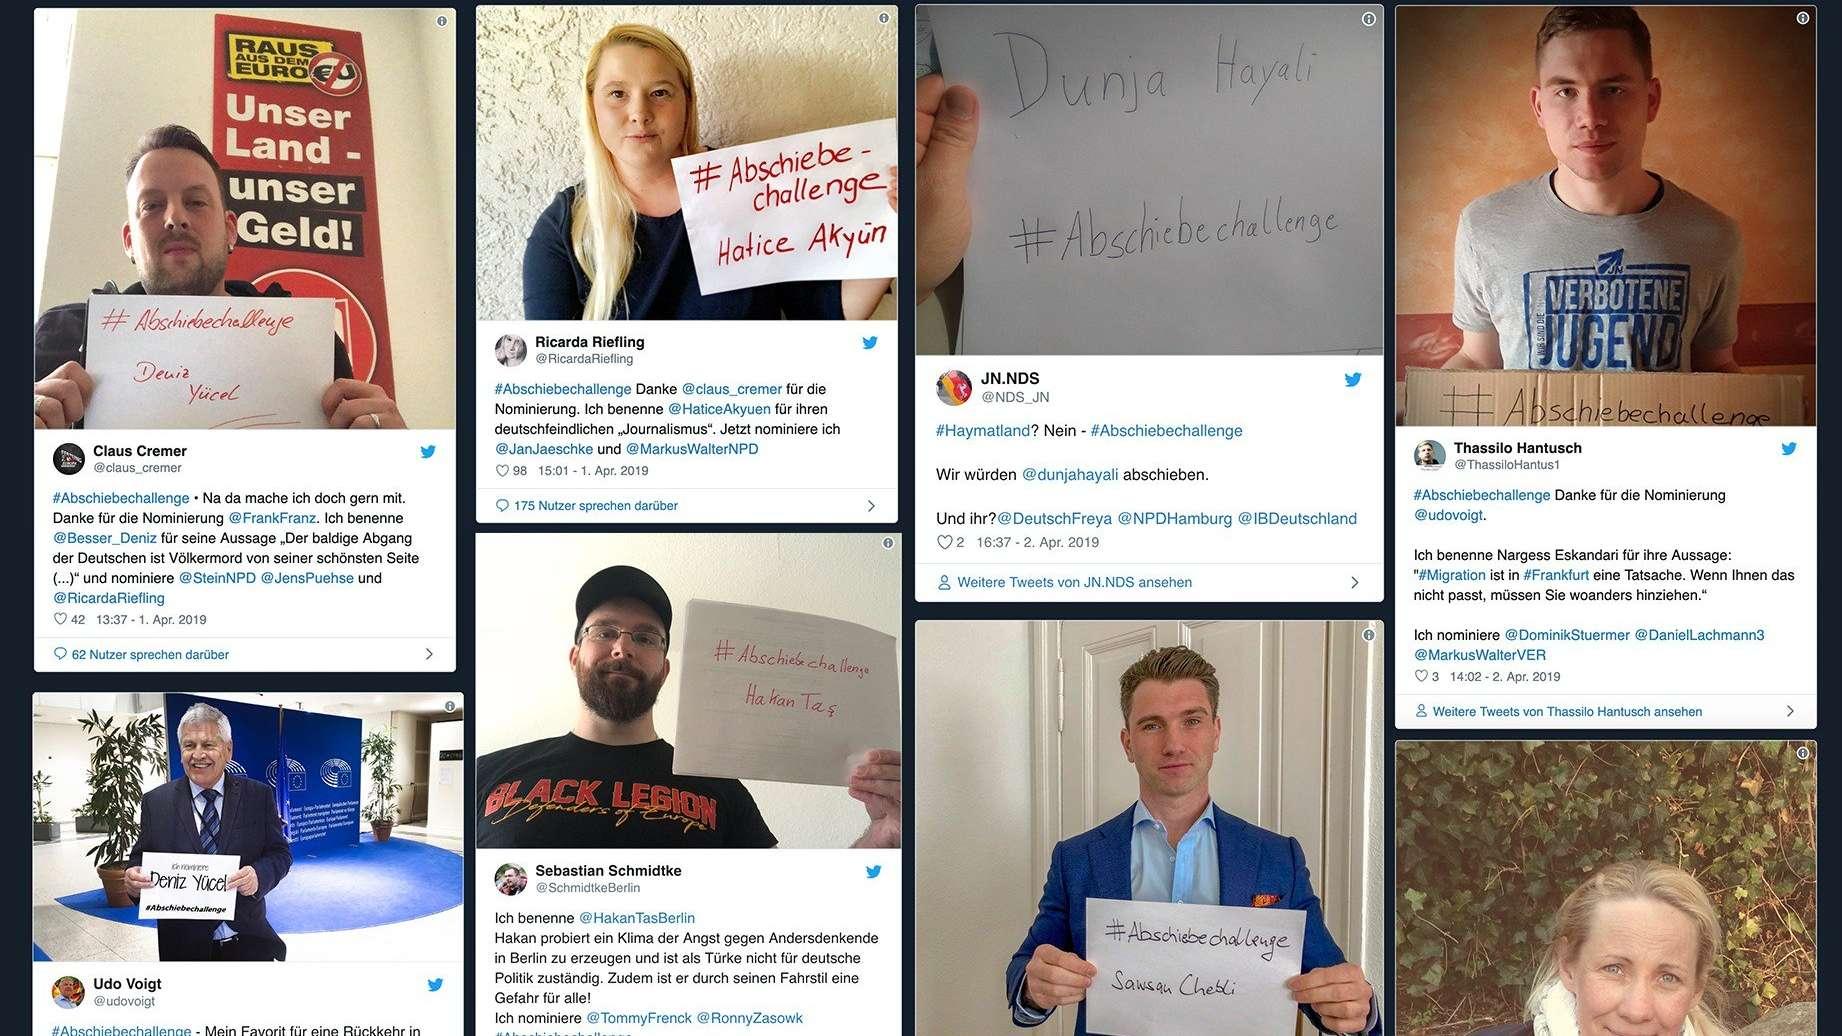 Posts auf Twitter unter dem Hashtag #abschiebechallenge